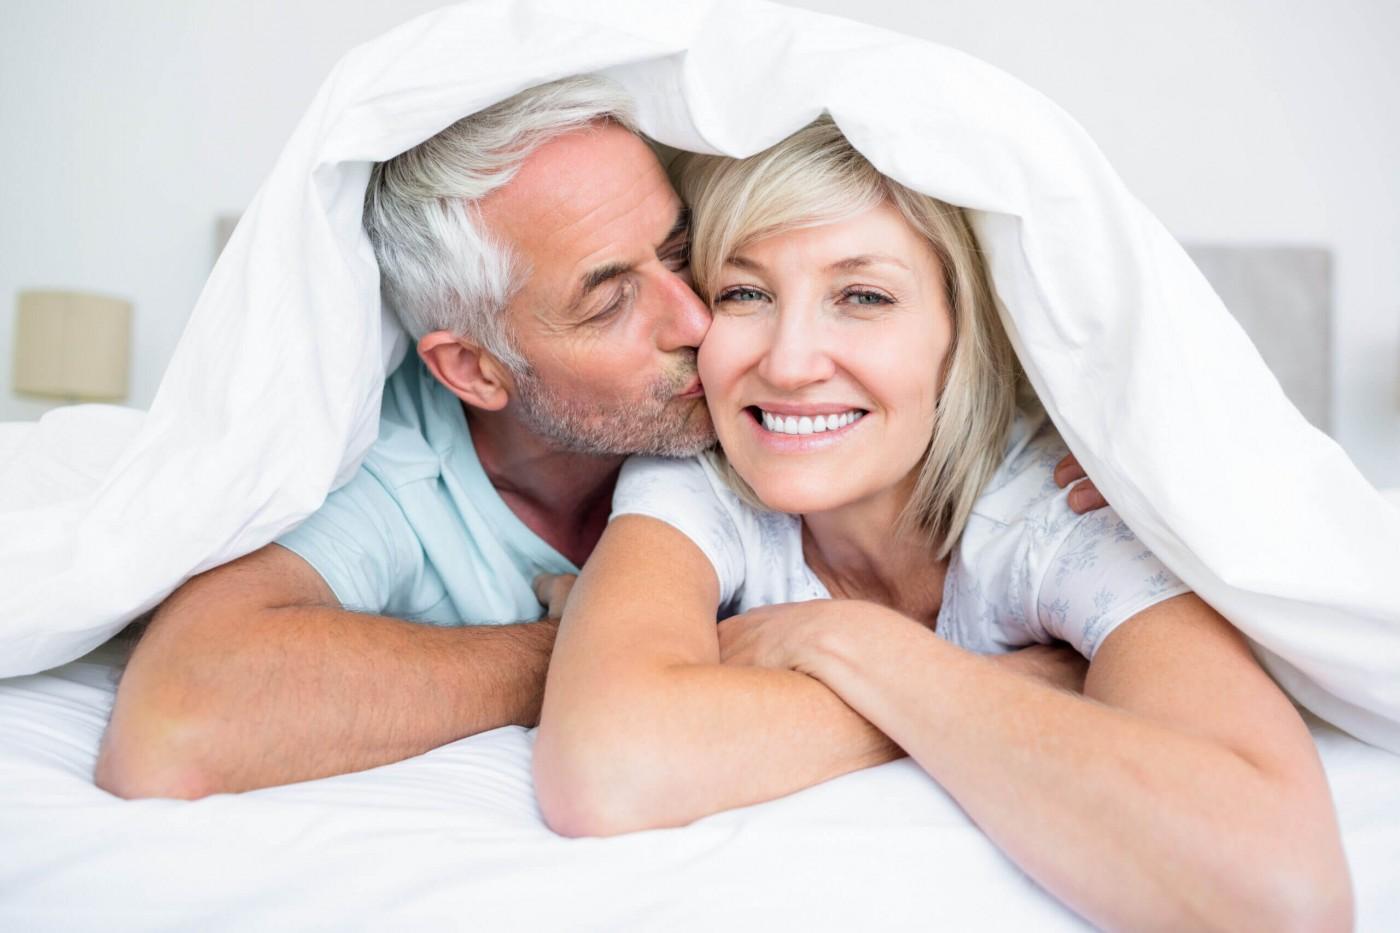 Возрастные особенности репродуктивной функции у мужчин и способы сохранения репродуктивного здоровья